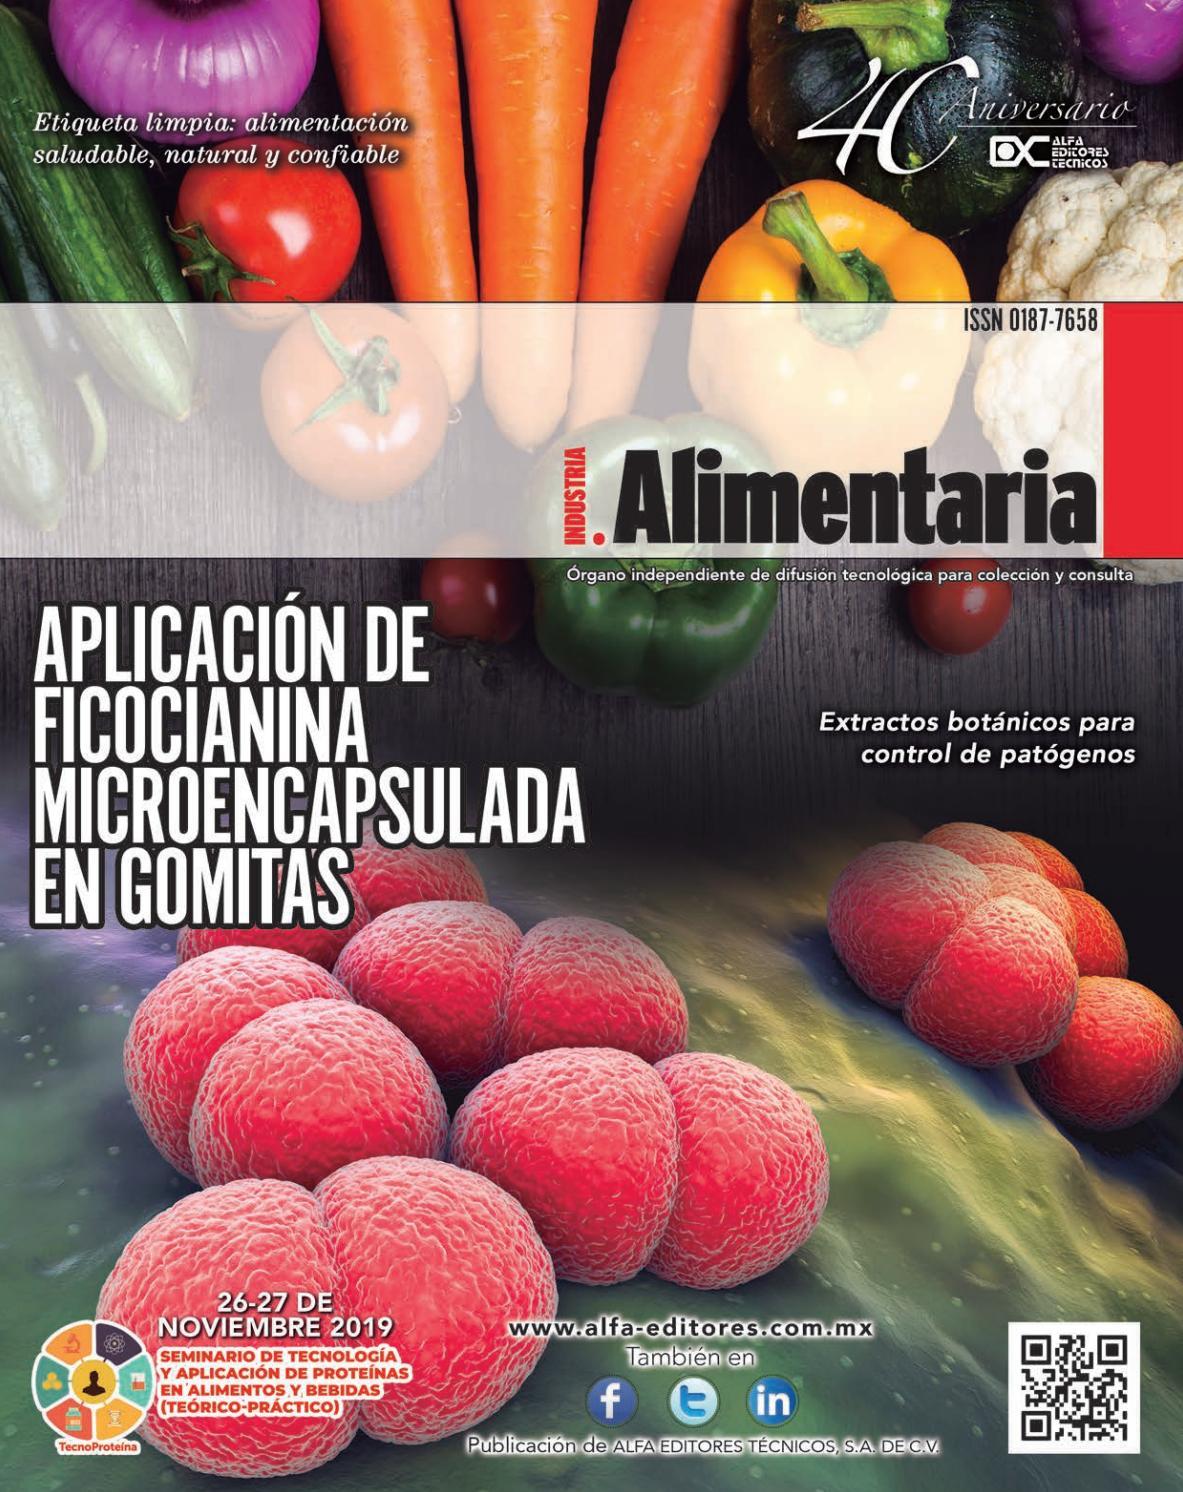 ¿Dónde puedo comprar la diabetes Solanum wereke?